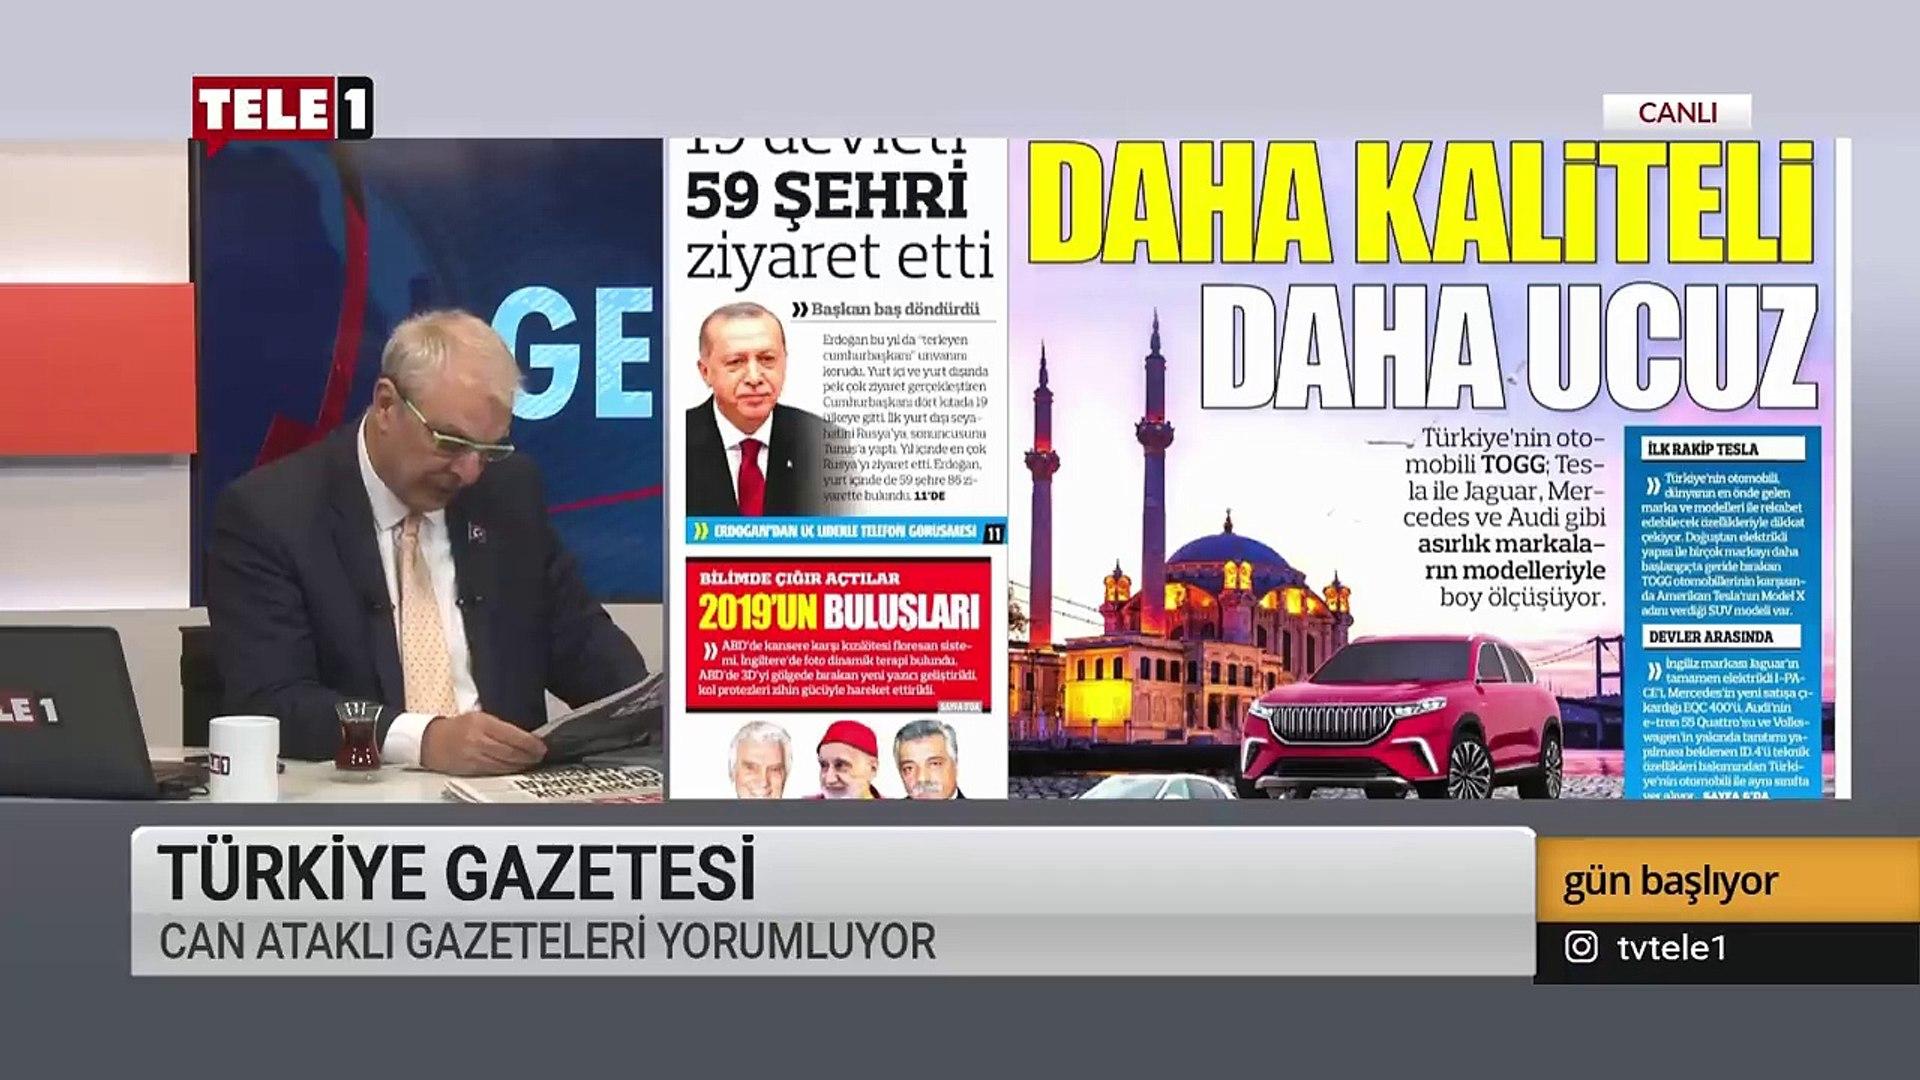 AKP'nin yerli ve milli masalları - Gün Başlıyor (30 Aralık 2019)